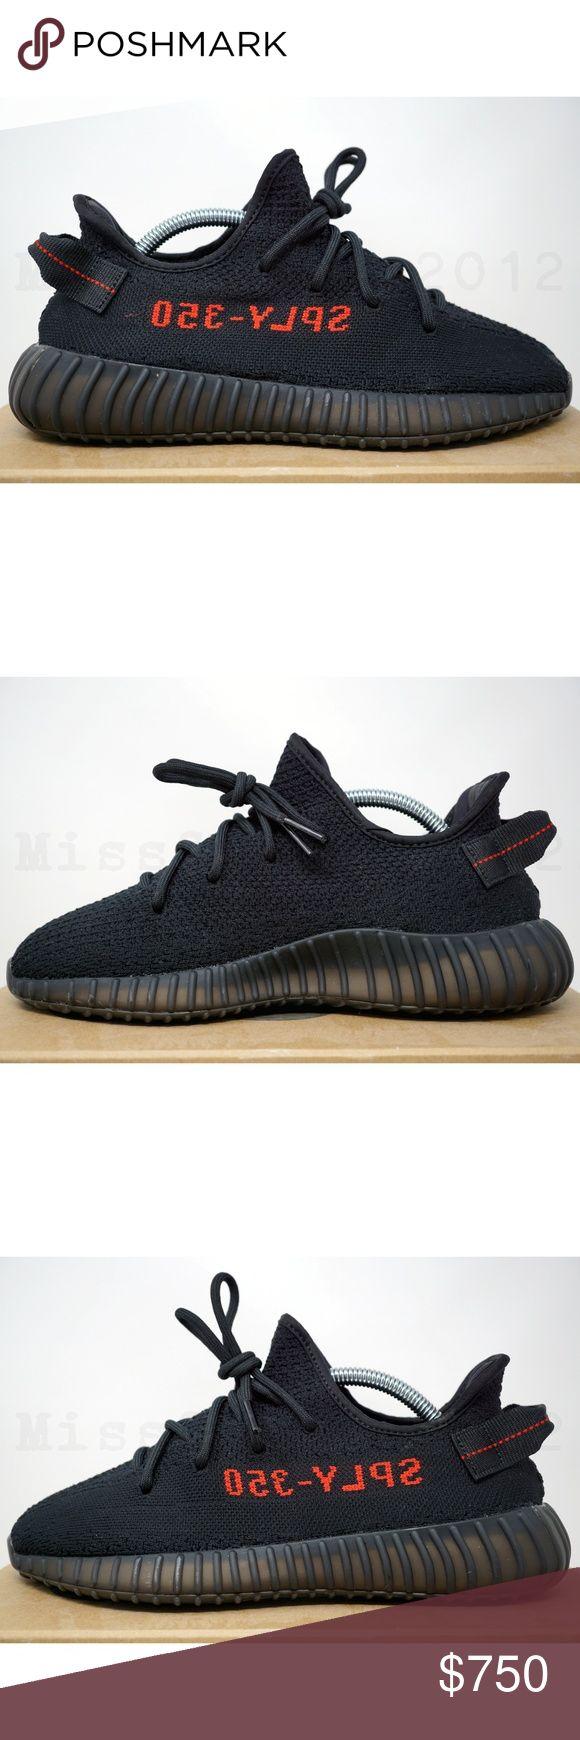 Adidas Yeezy Boost 350 V2 \u0027Bred\u0027